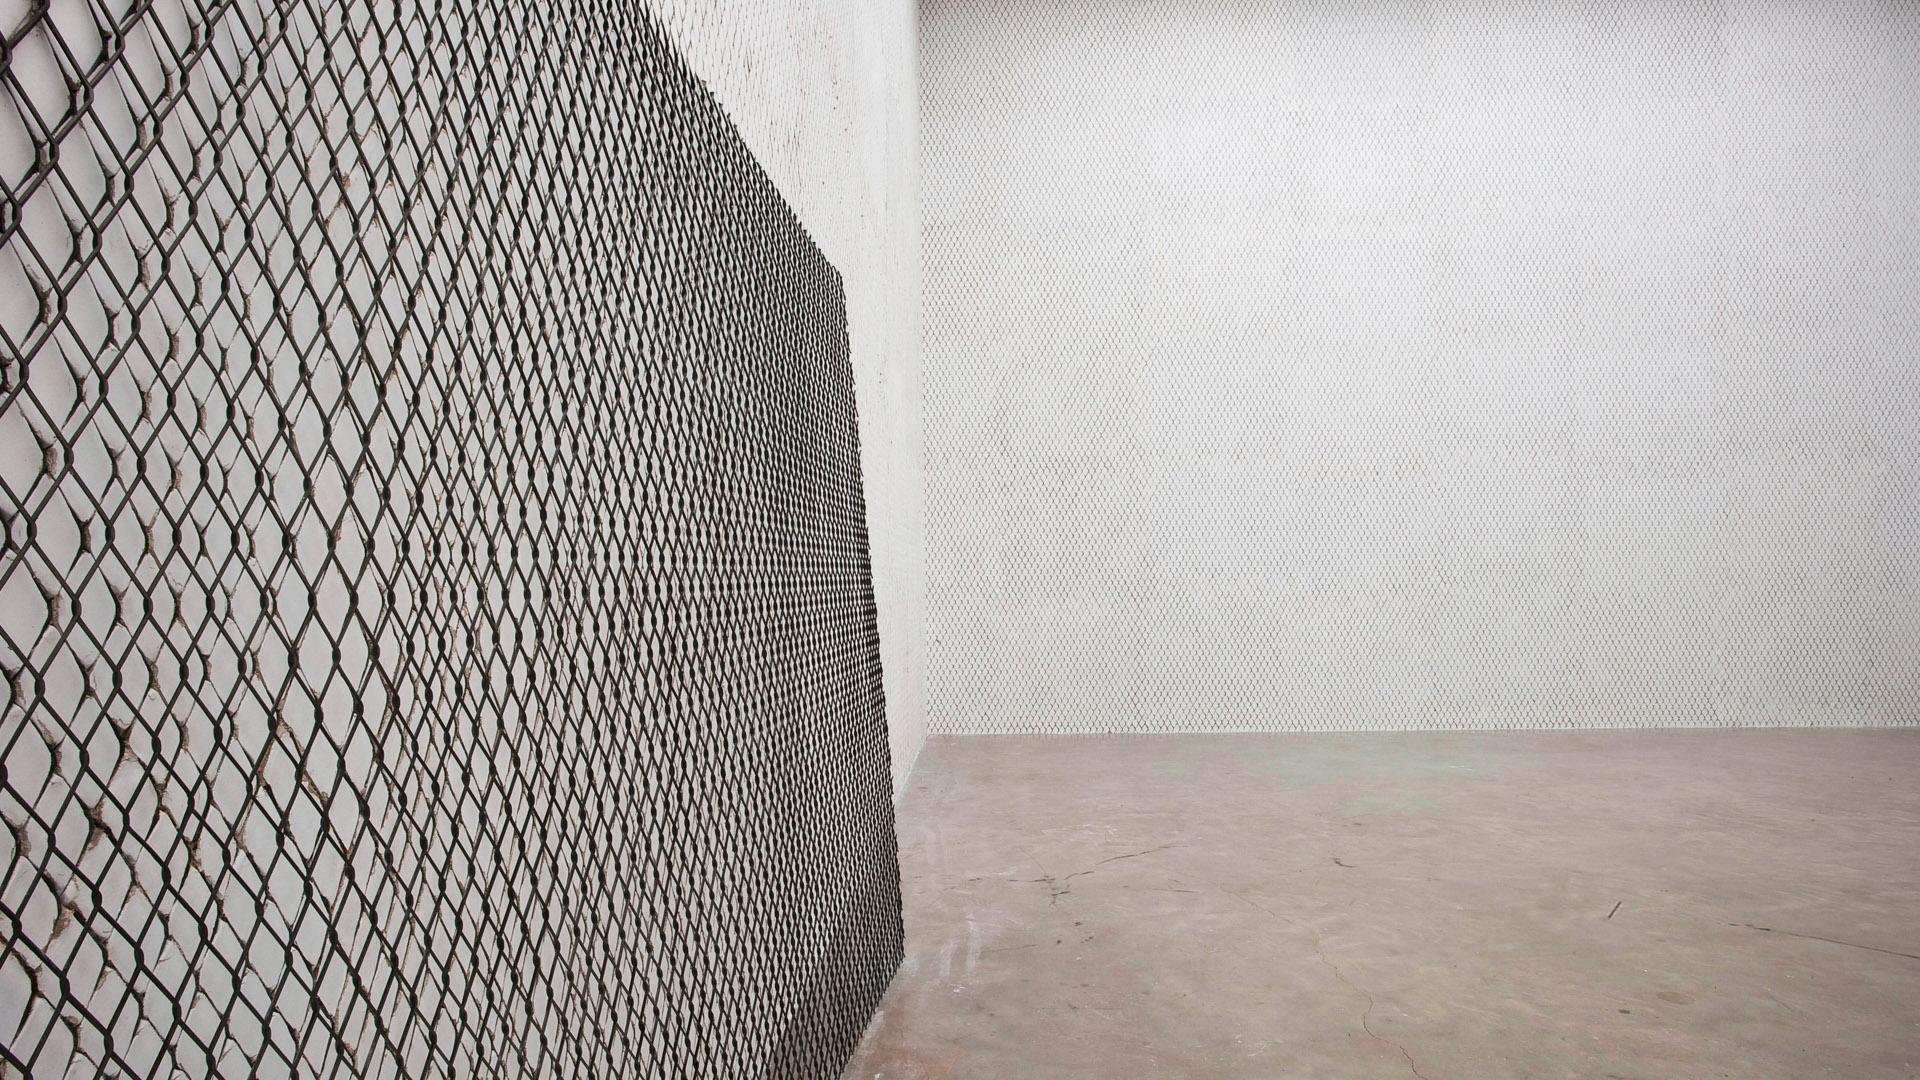 Obra Neither, 2004, de Doris Salcedo. Acervo de arte contemporânea do Inhotim